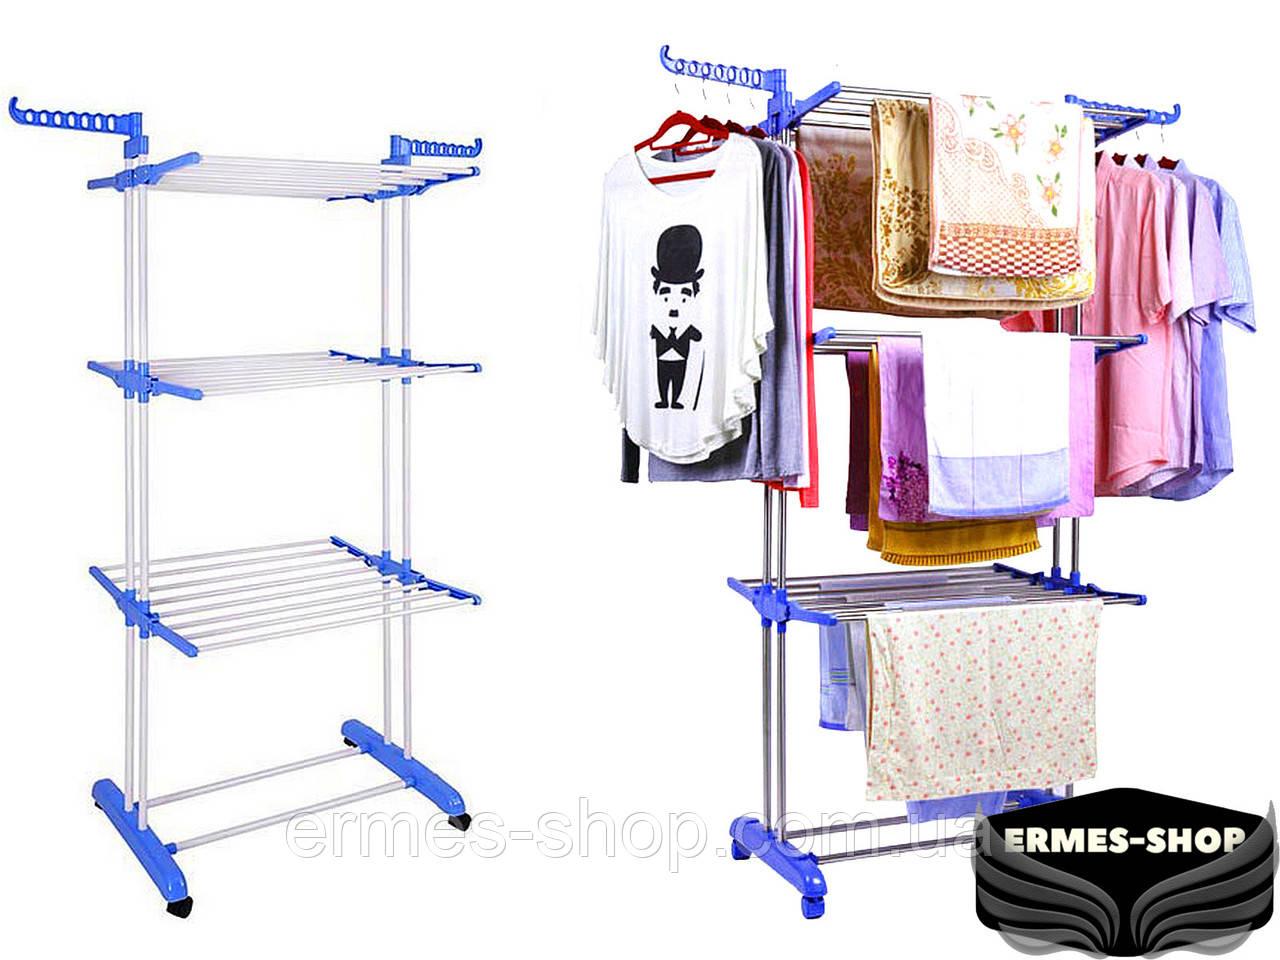 Сушилка для белья | складная сушилка для одежды | вертикальная сушилка для белья cloth rack